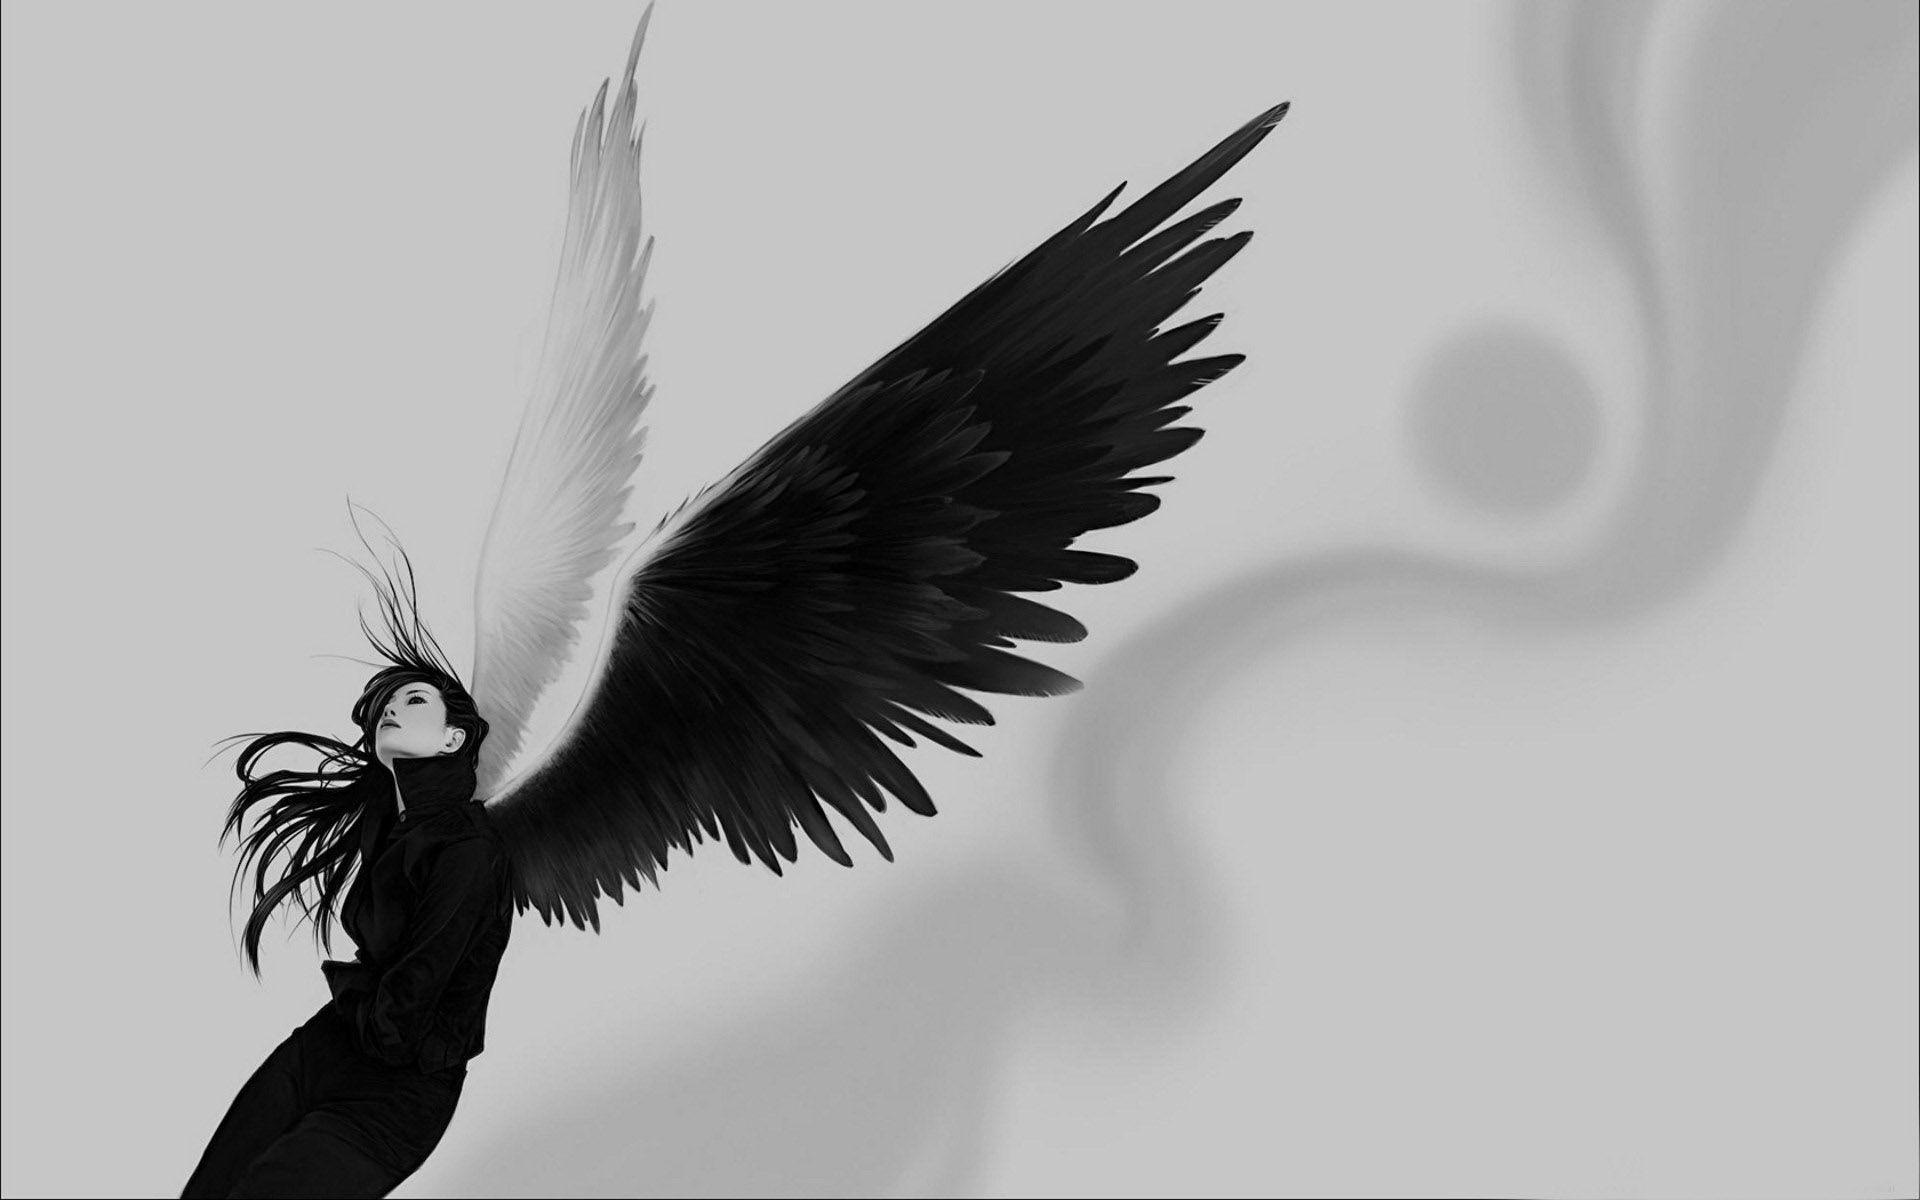 56099 скачать обои Фэнтези, Ангел, Крылья, Белое, Черное, Девушка - заставки и картинки бесплатно